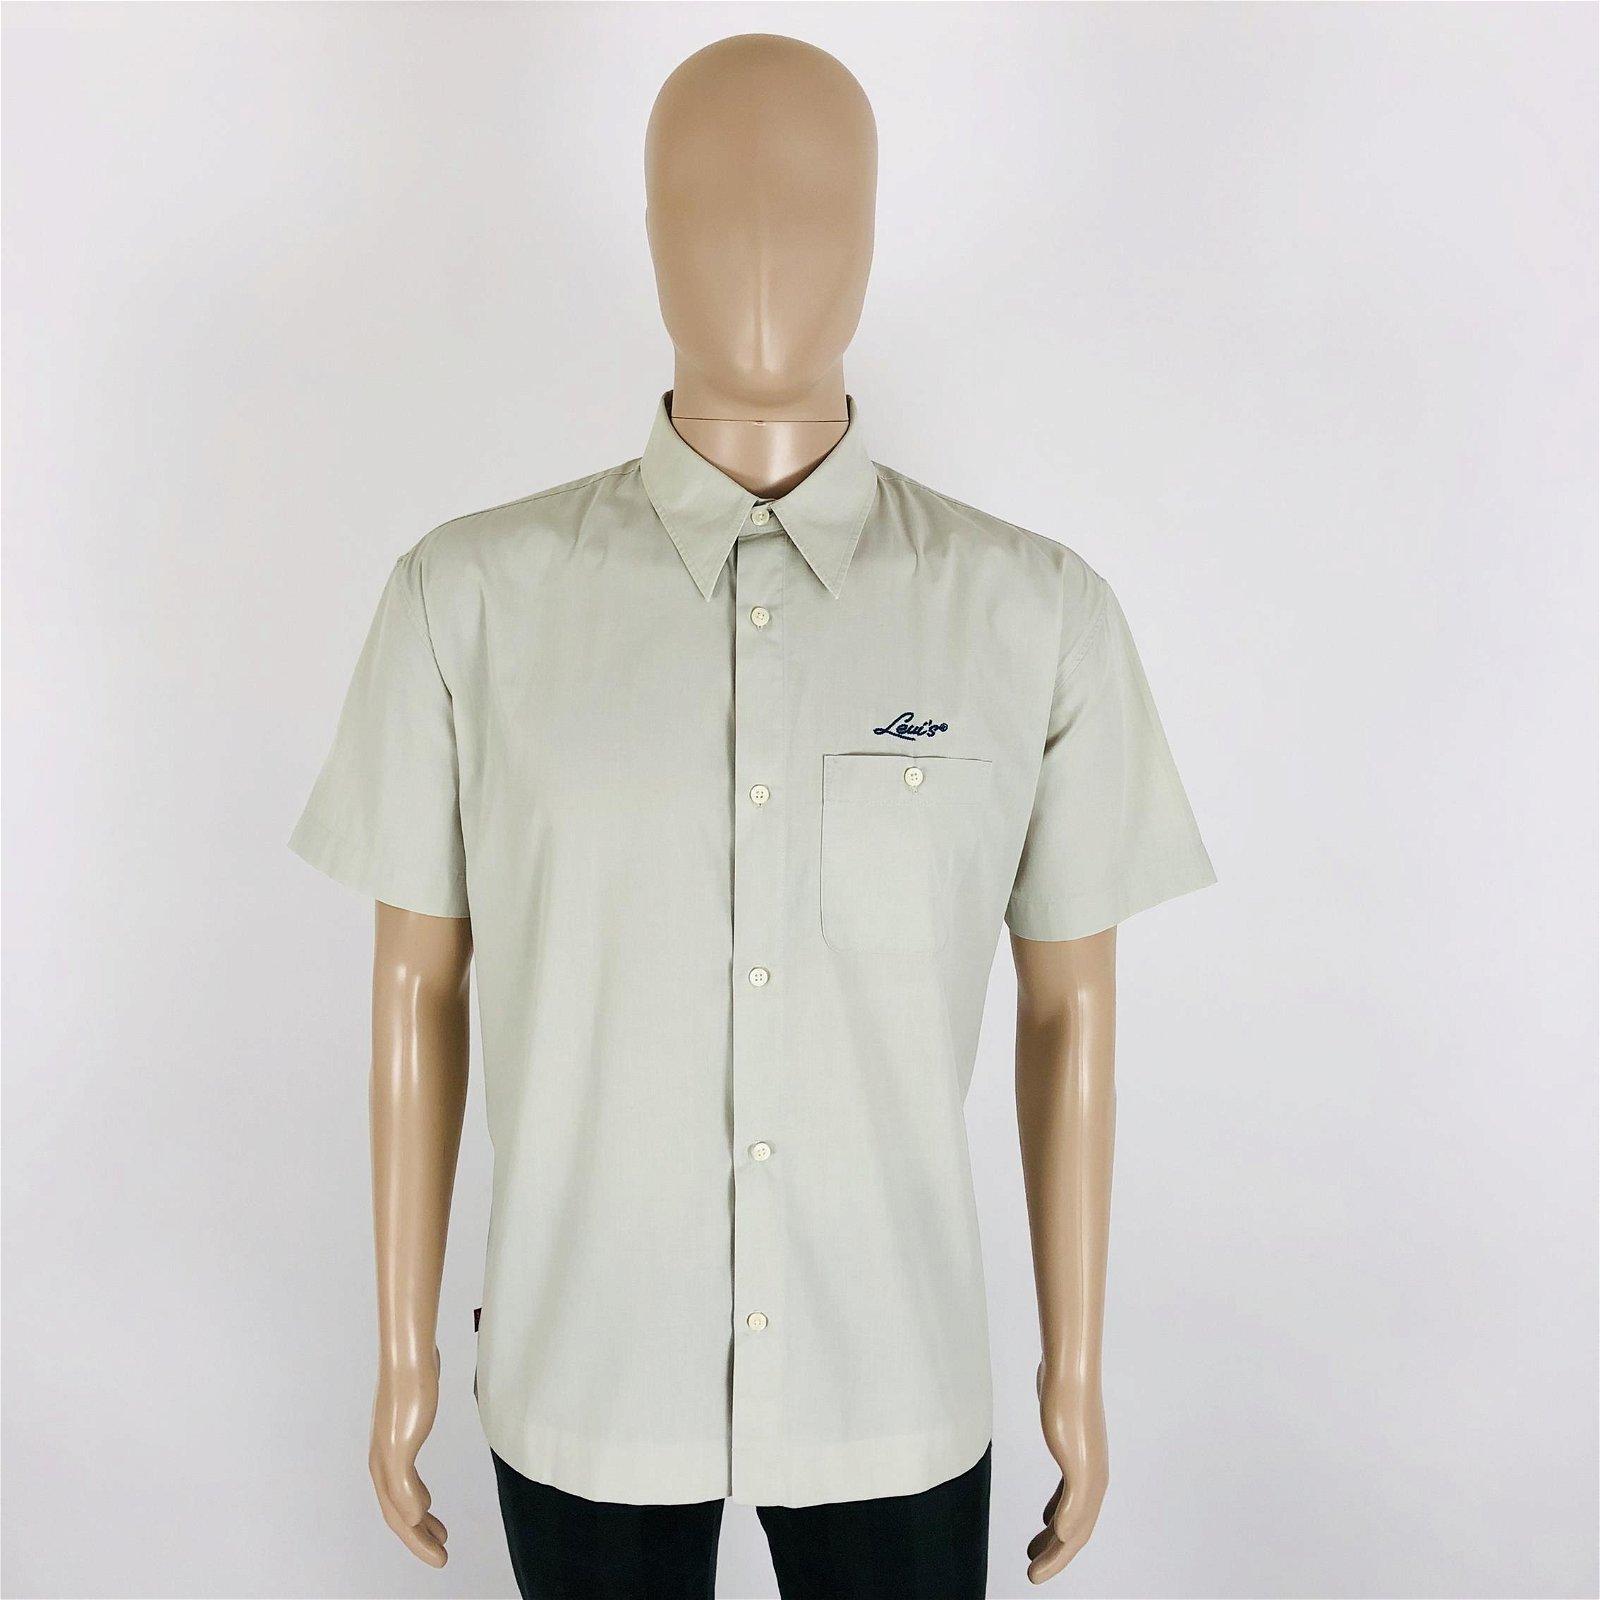 Vintage Men's Levi's Short Sleeve Shirt Size L